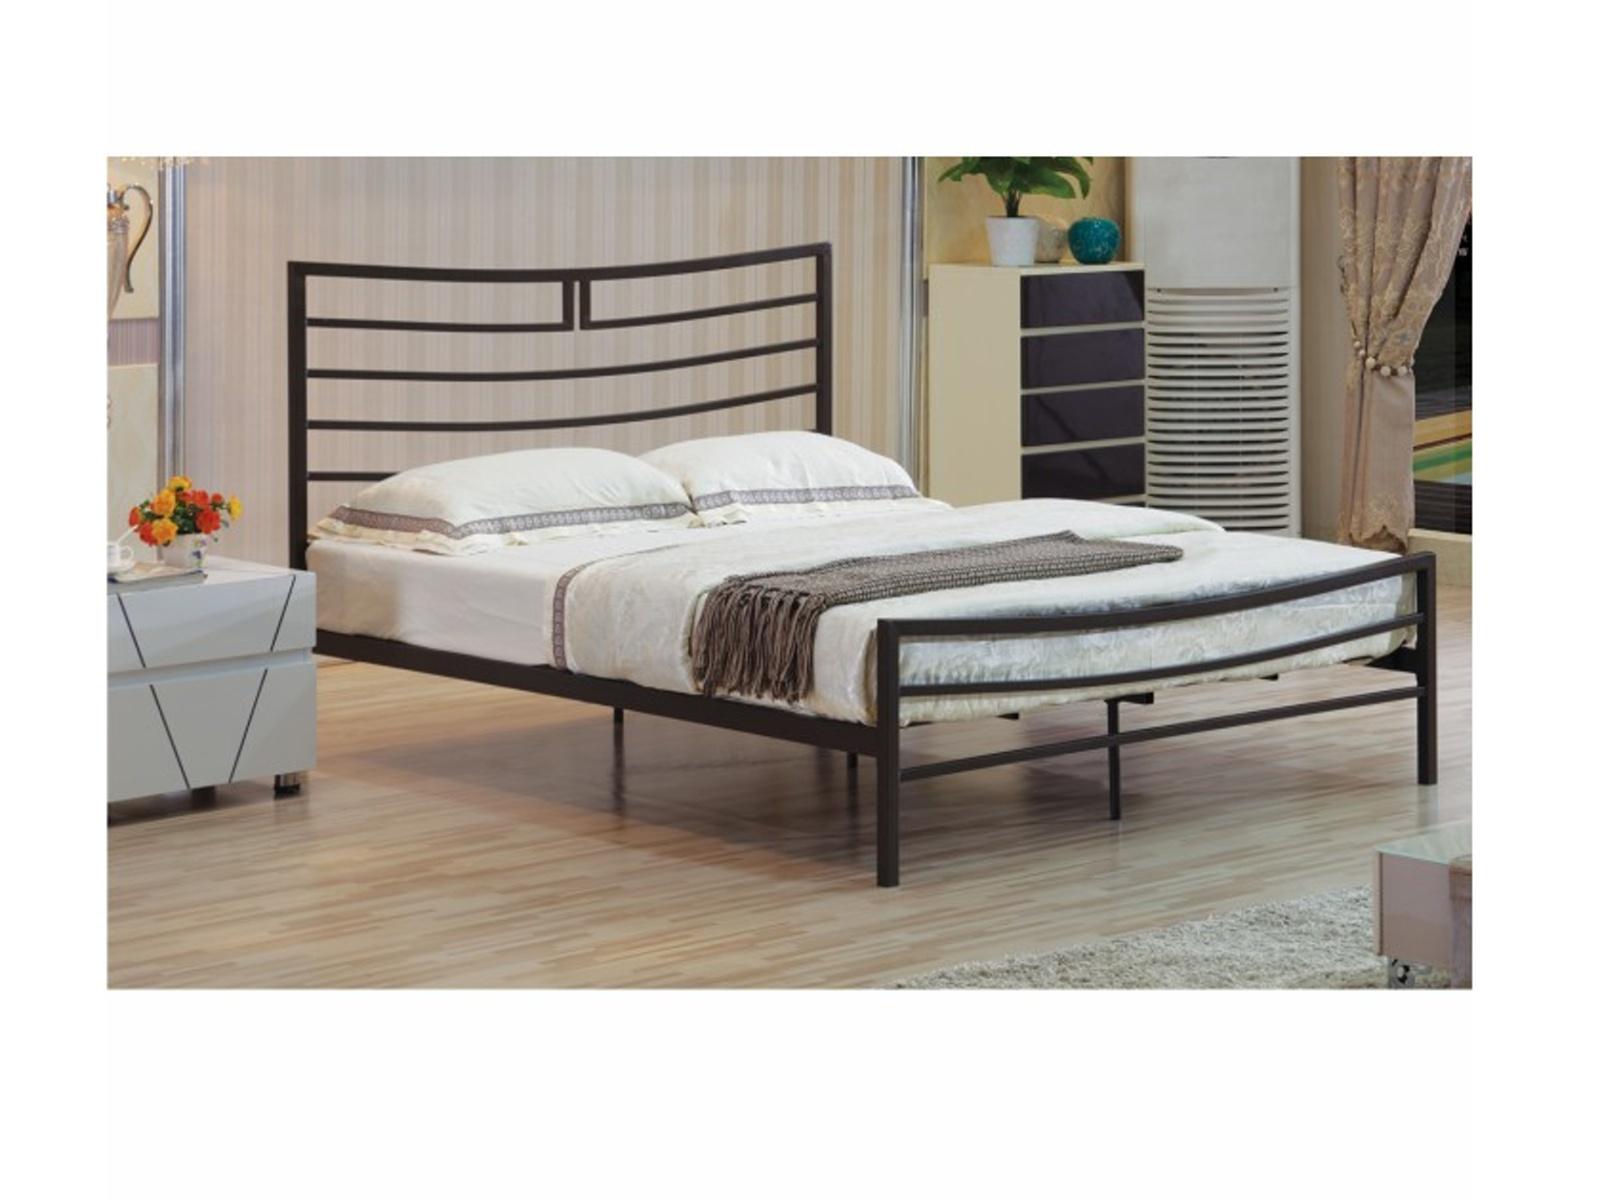 Tempo Kondela Kovová postel DALIA 160 x 200 vč. roštu, černá